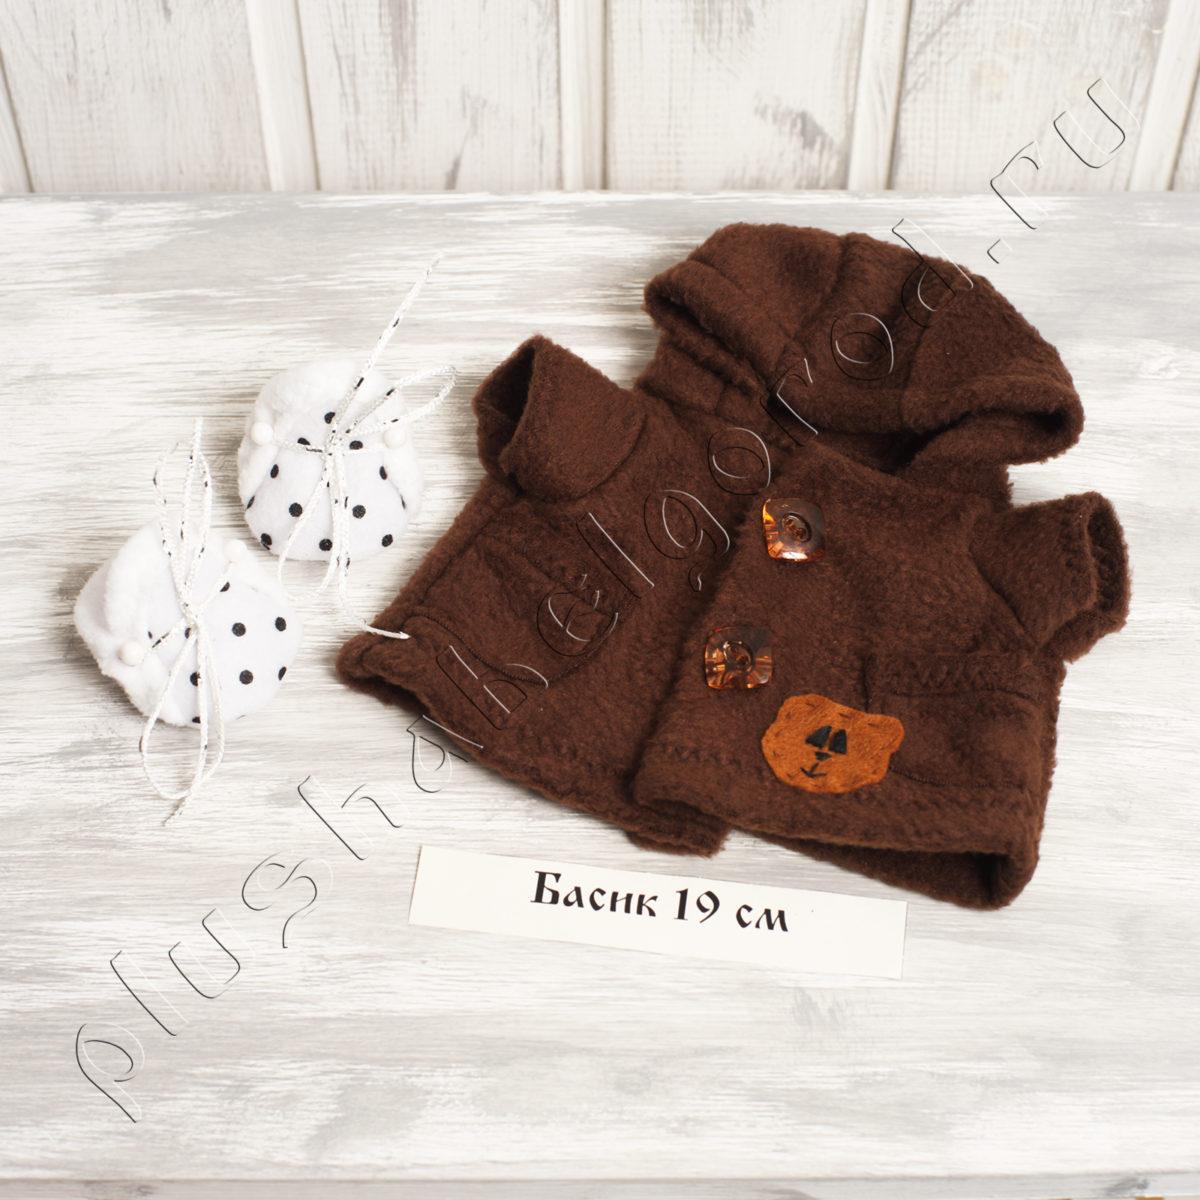 Пальто коричневое без подкладки и обувь белая в горошек